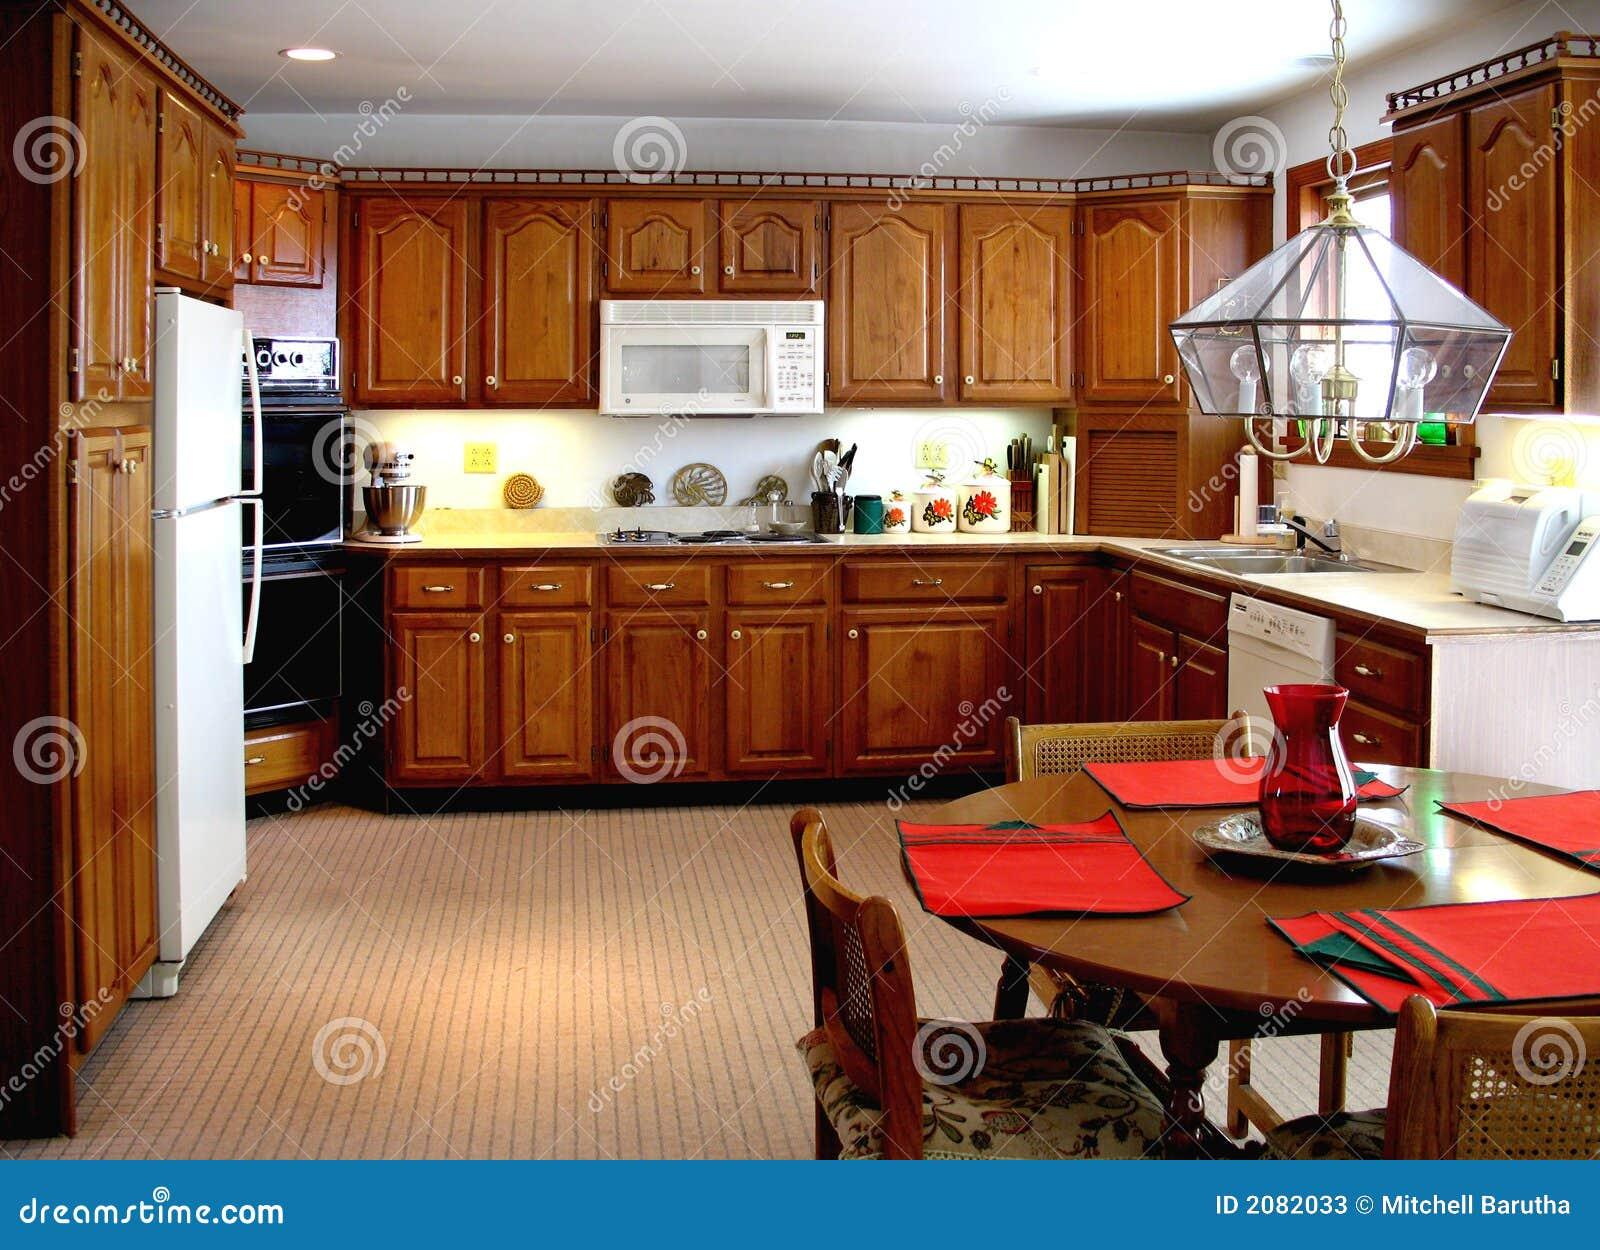 Più vecchia cucina immagine stock. Immagine di cucina - 2082033